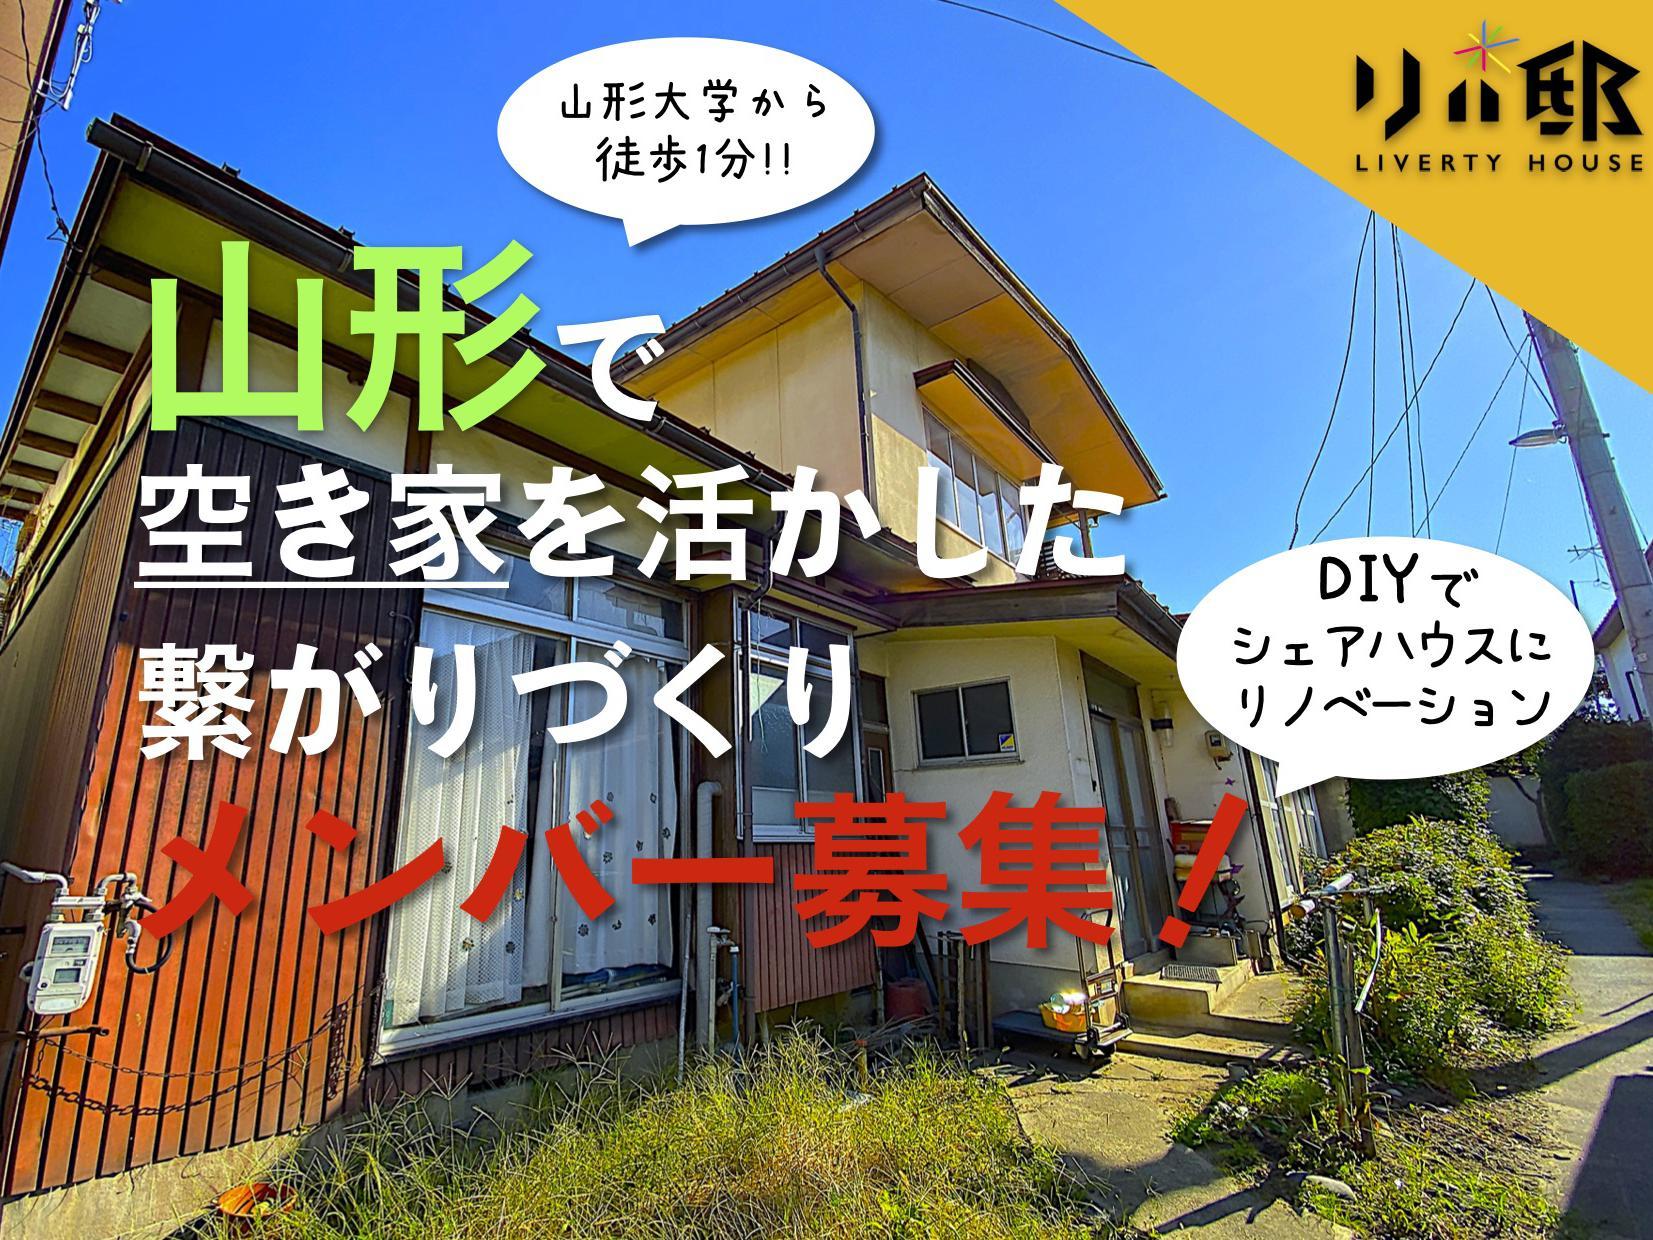 山形リバ邸(仮)空き家を生かした地域との繋がりづくりメンバー募集